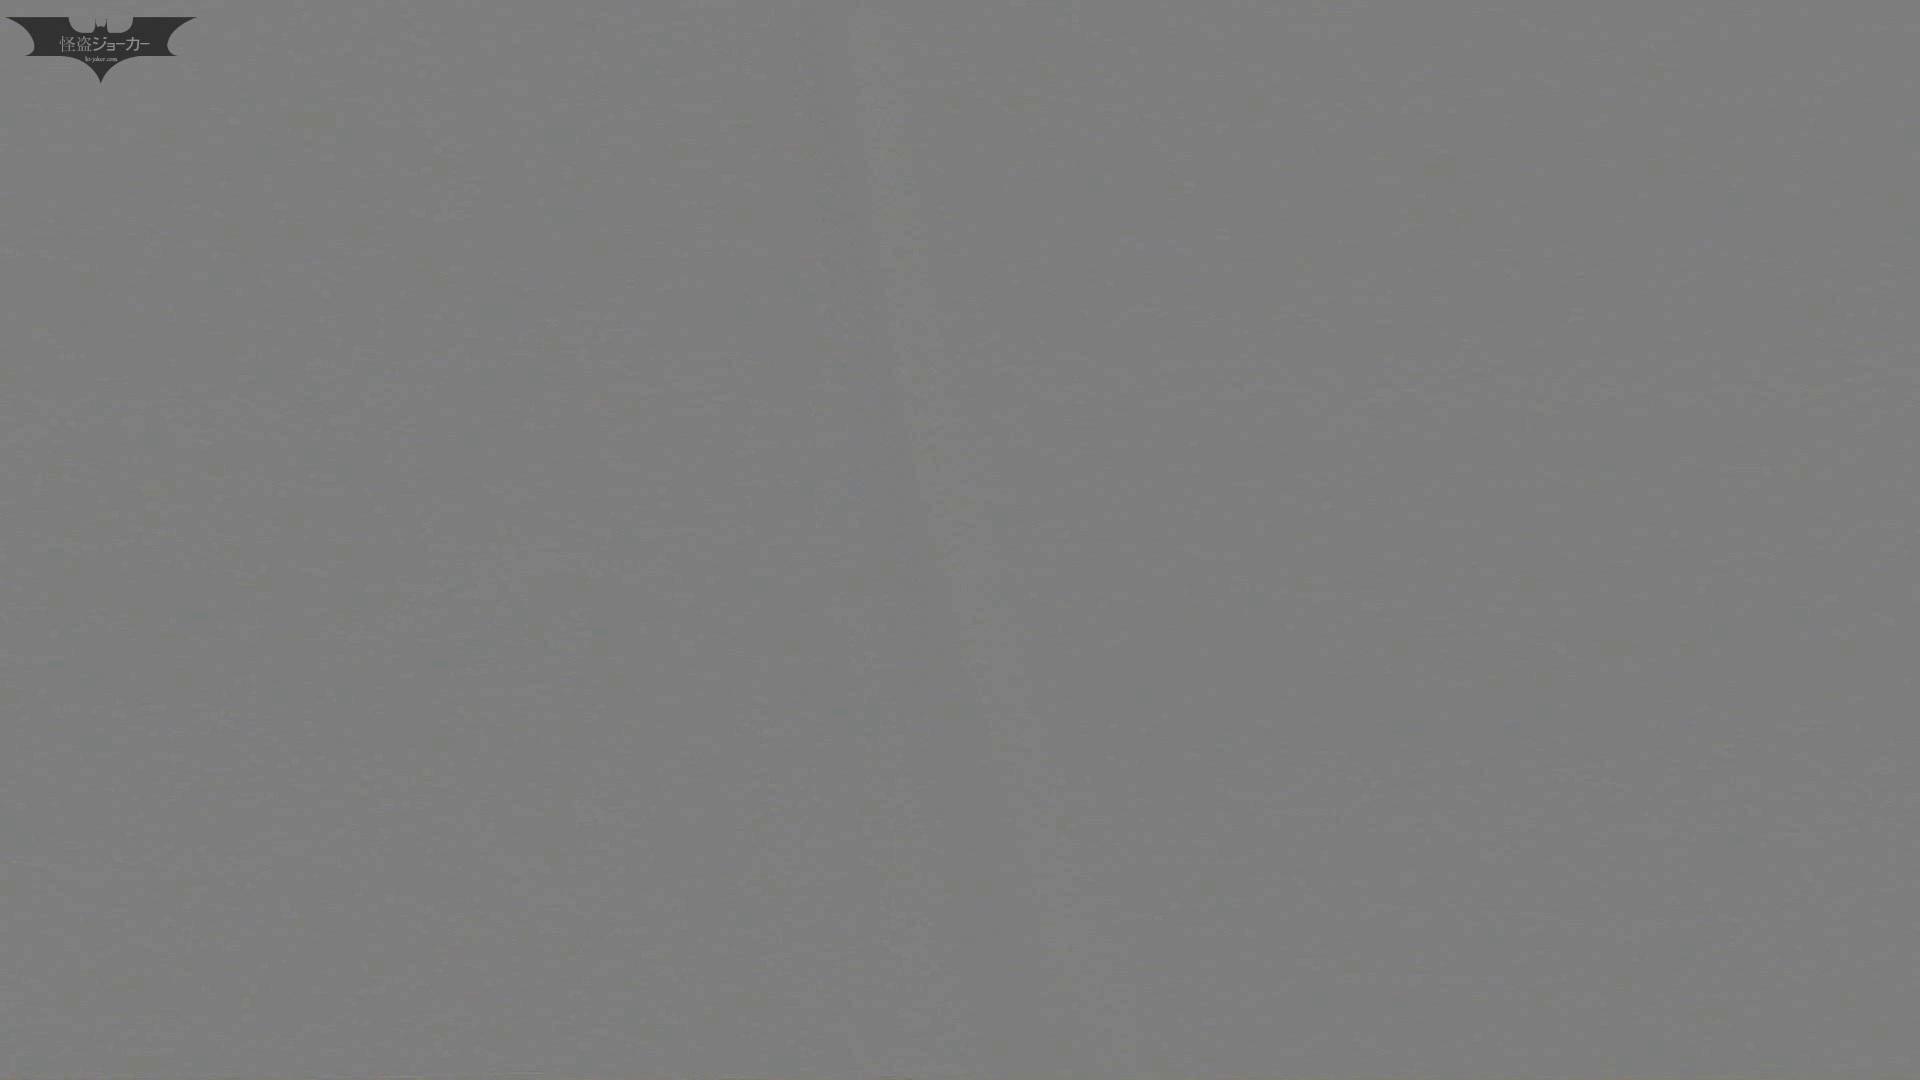 新世界の射窓 No64日本ギャル登場か?ハイヒール大特集! 高画質  75PIX 24